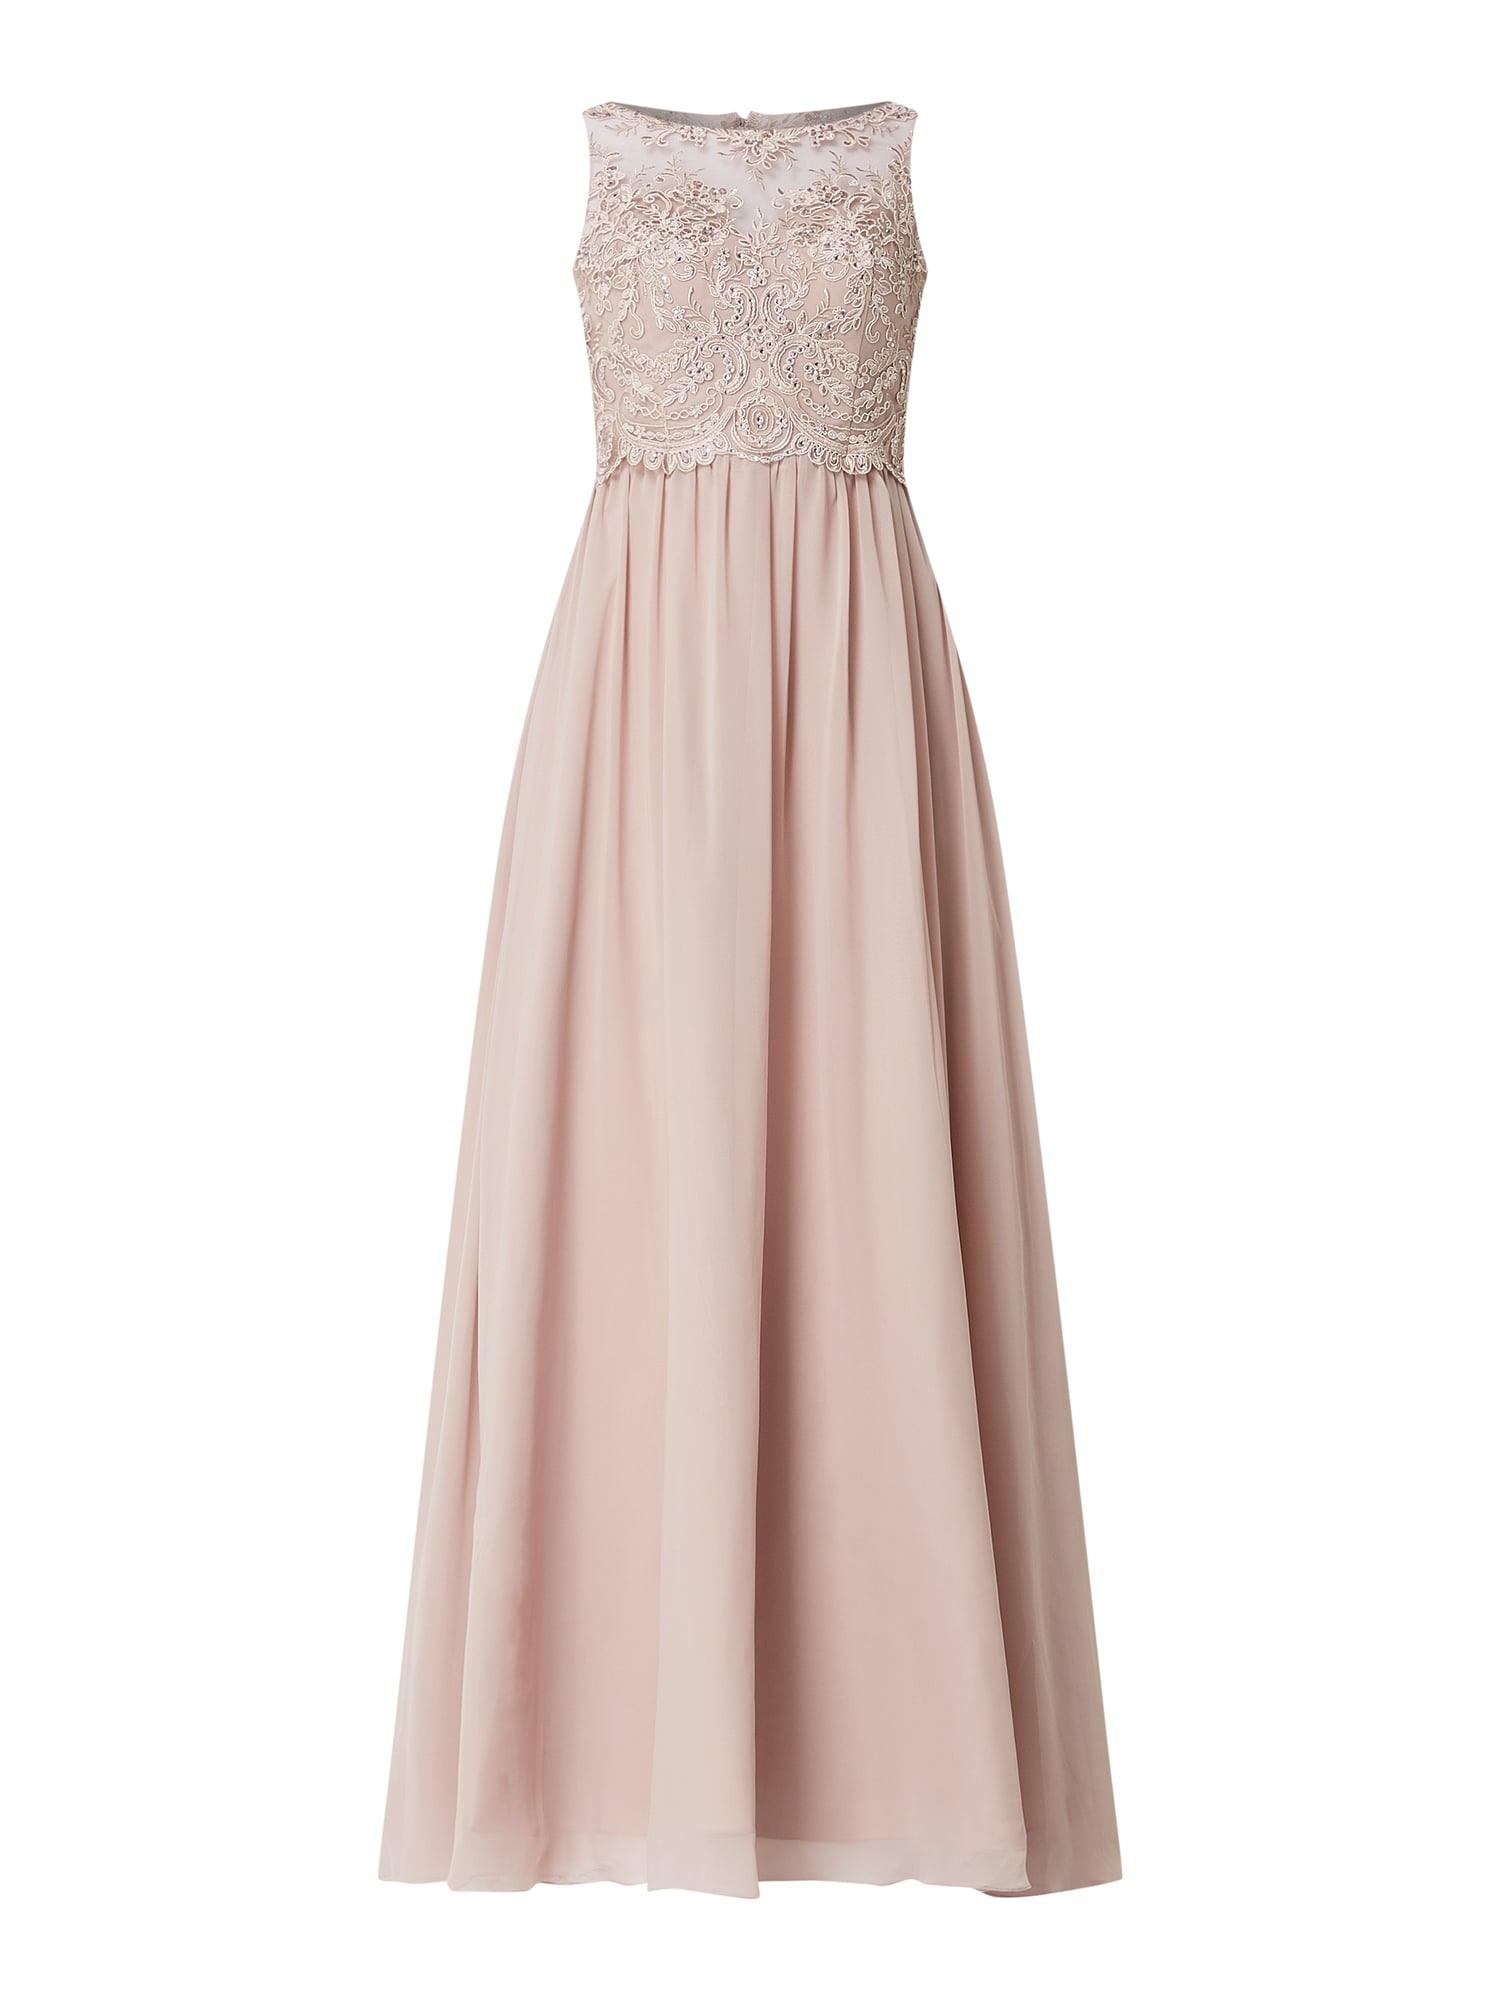 17 Einfach Laona Abendkleid für 201910 Schön Laona Abendkleid für 2019